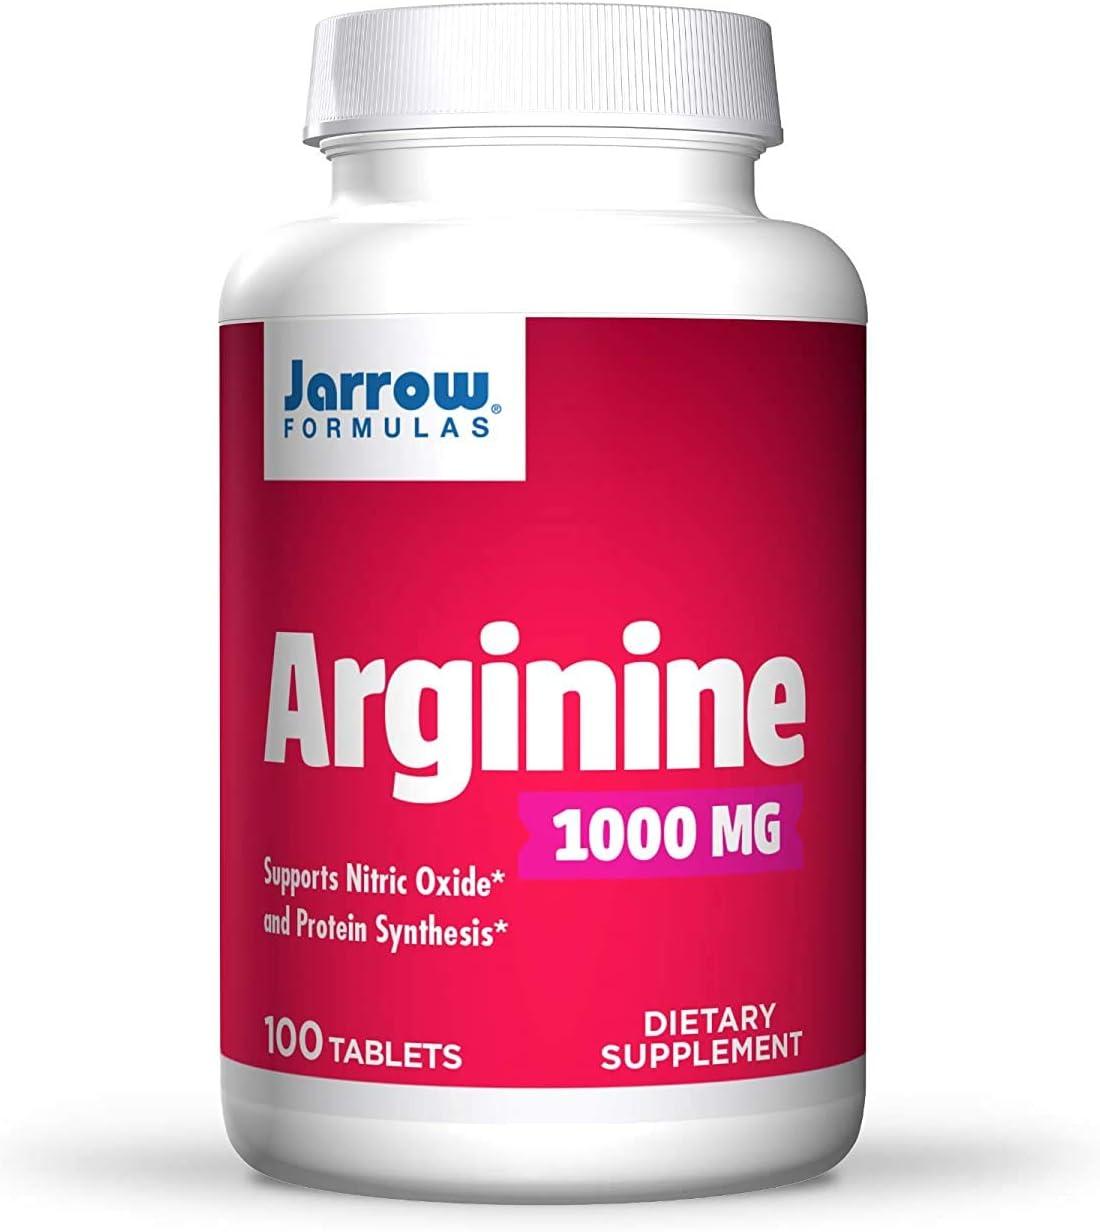 RRG Industry No. 1 Jarrow Formulas L-Arginine Attention brand 1000mg Tablets 100